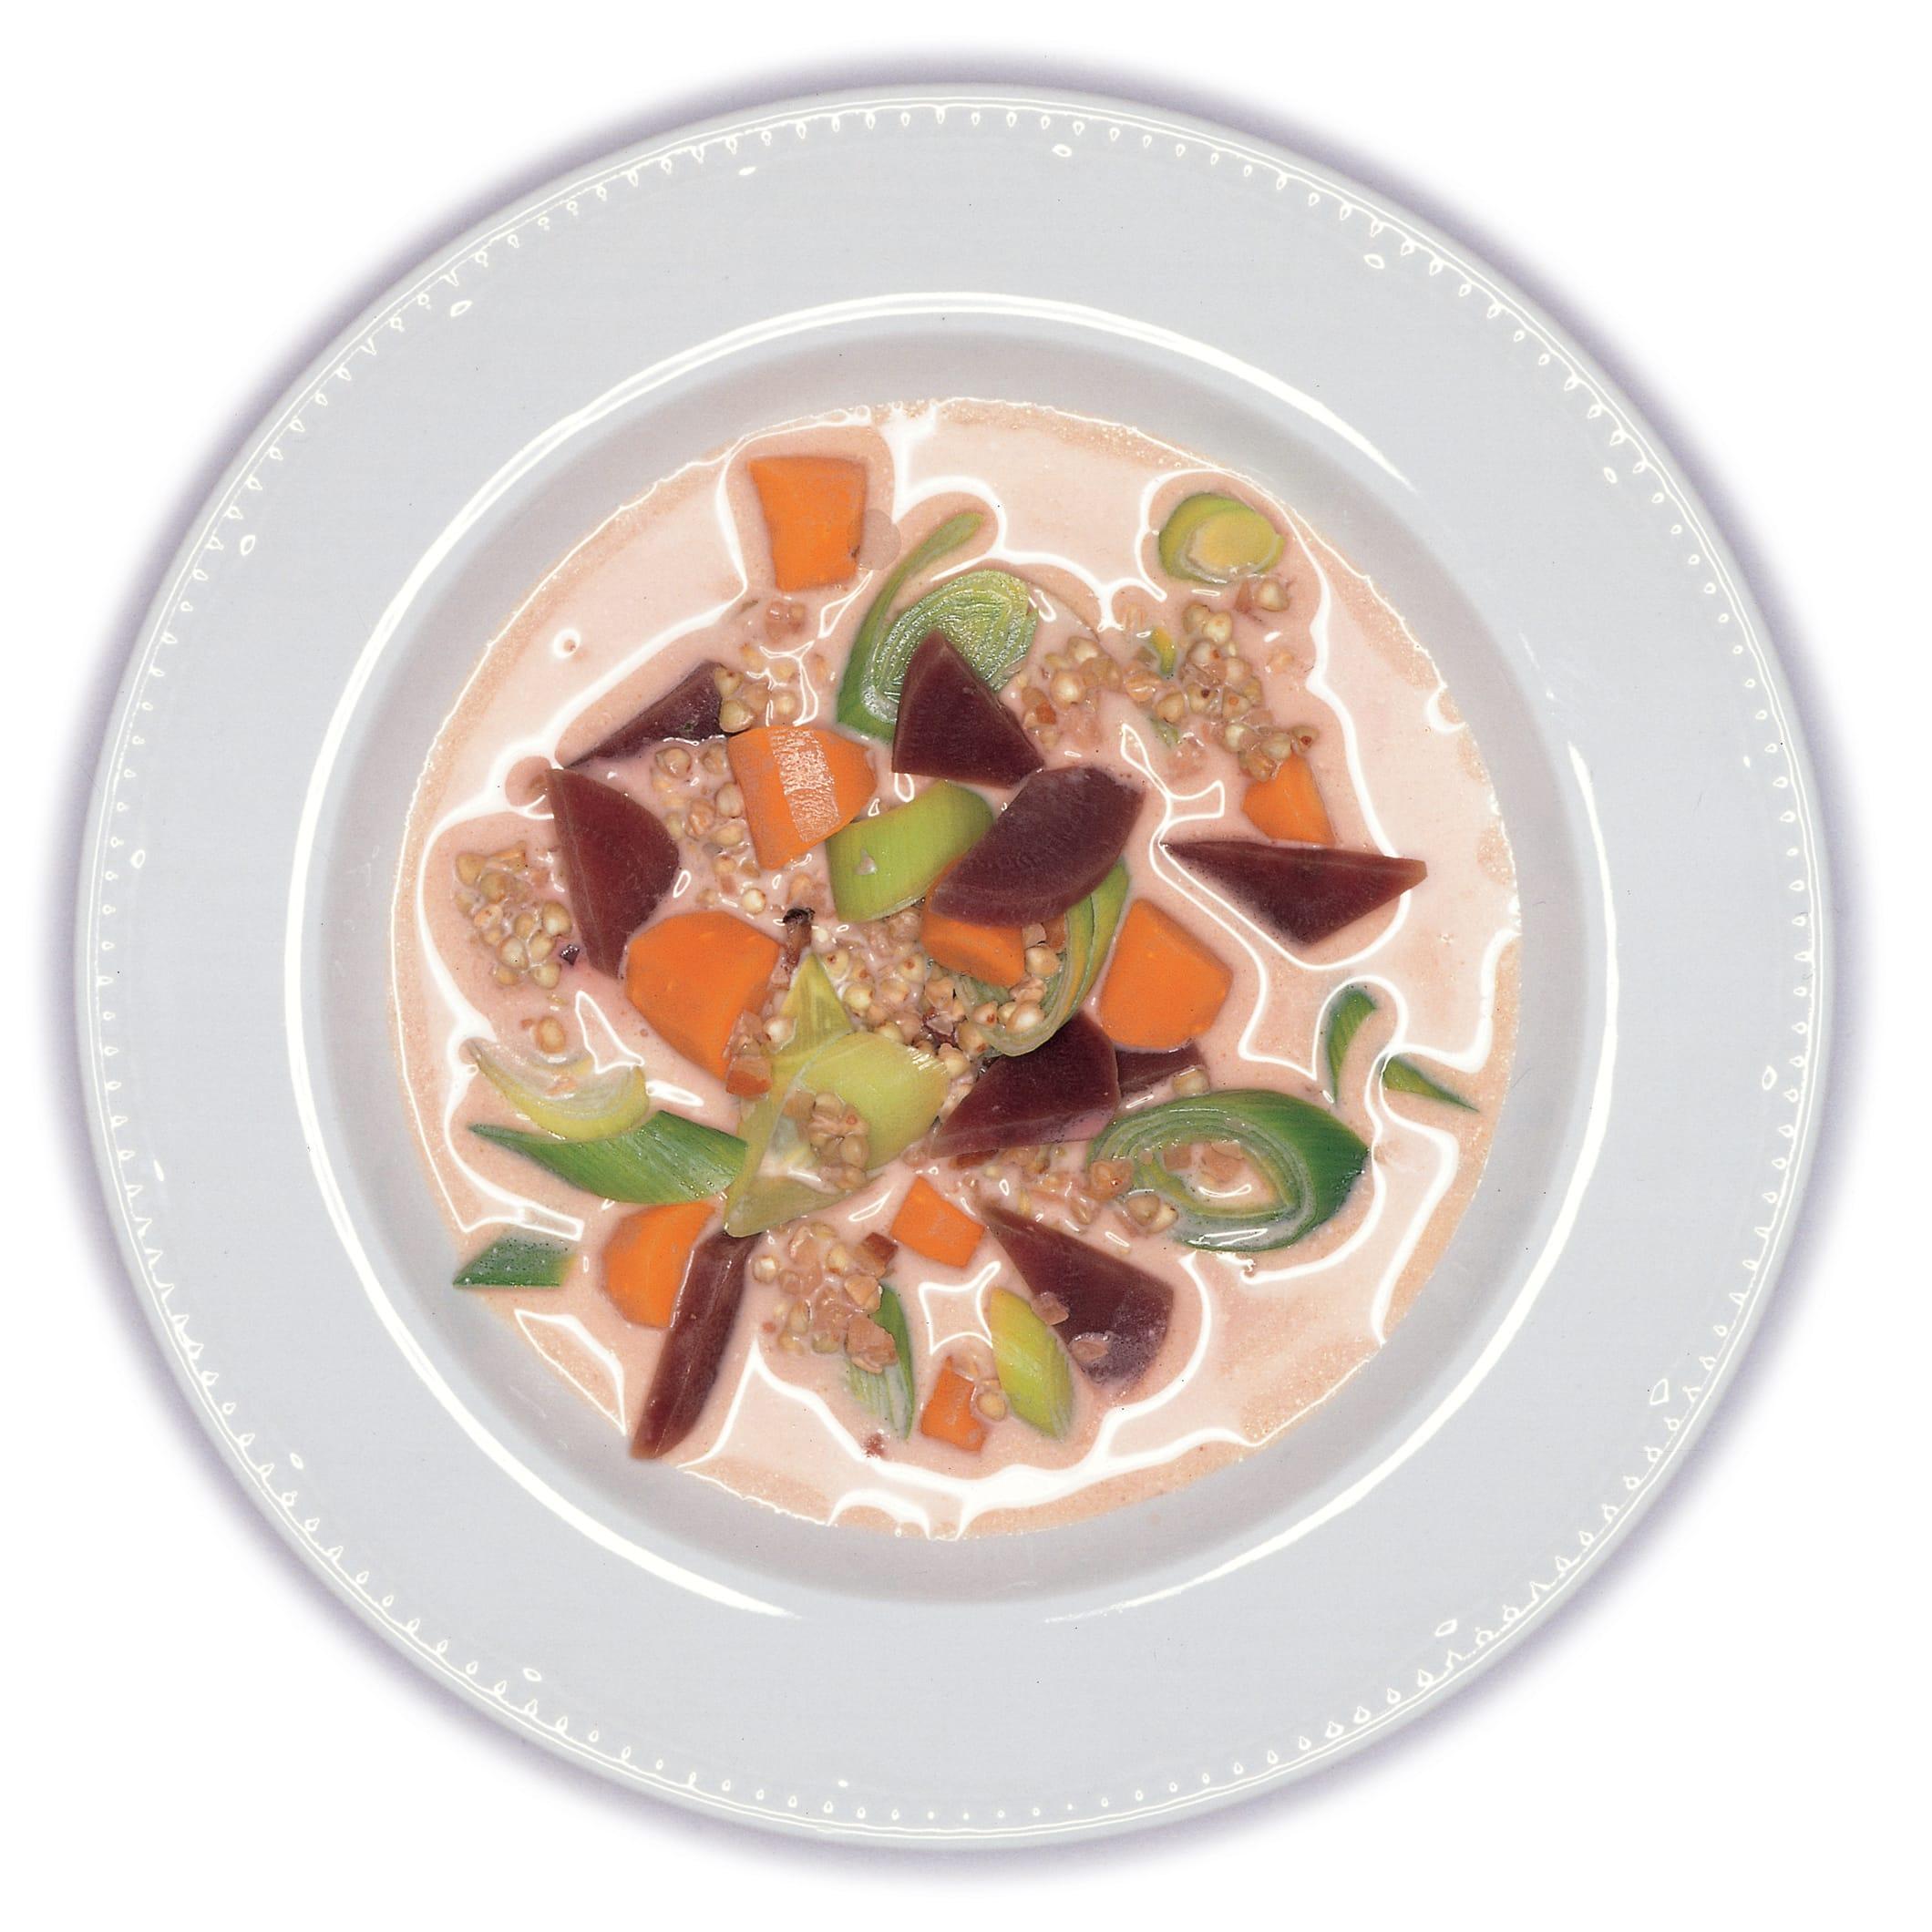 Velouté de sarrasin aux légumes